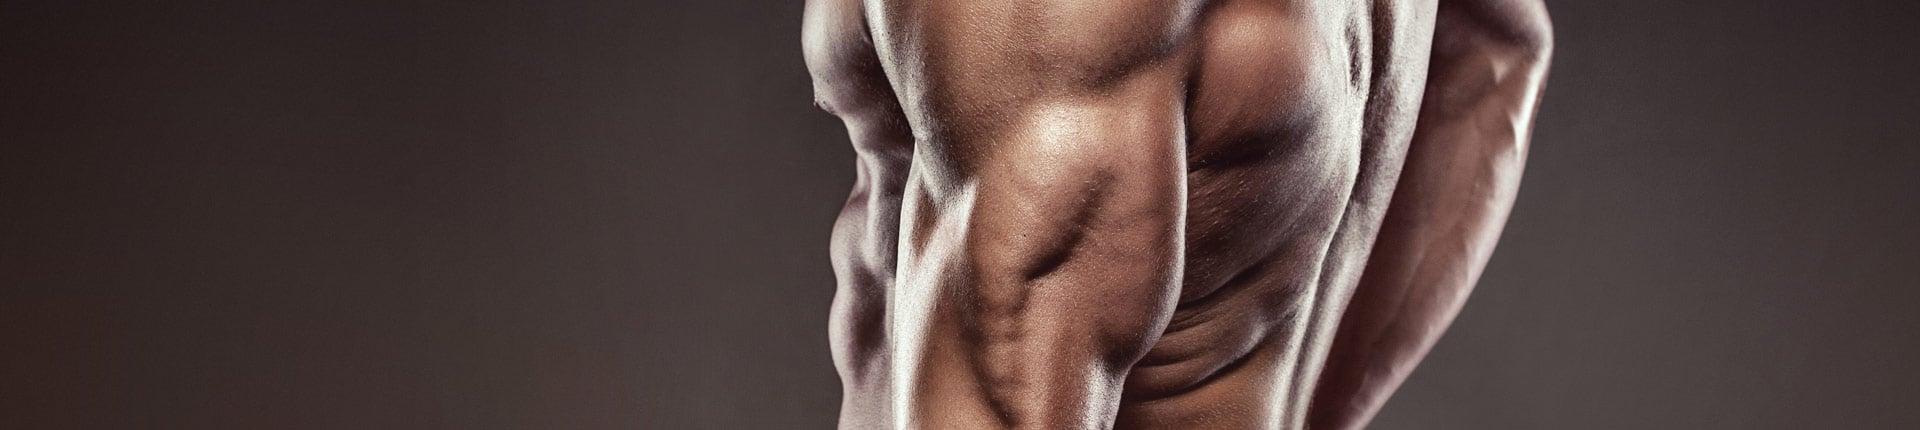 Ćwiczenia na triceps bez sprzętu - Trening tricepsów w domu